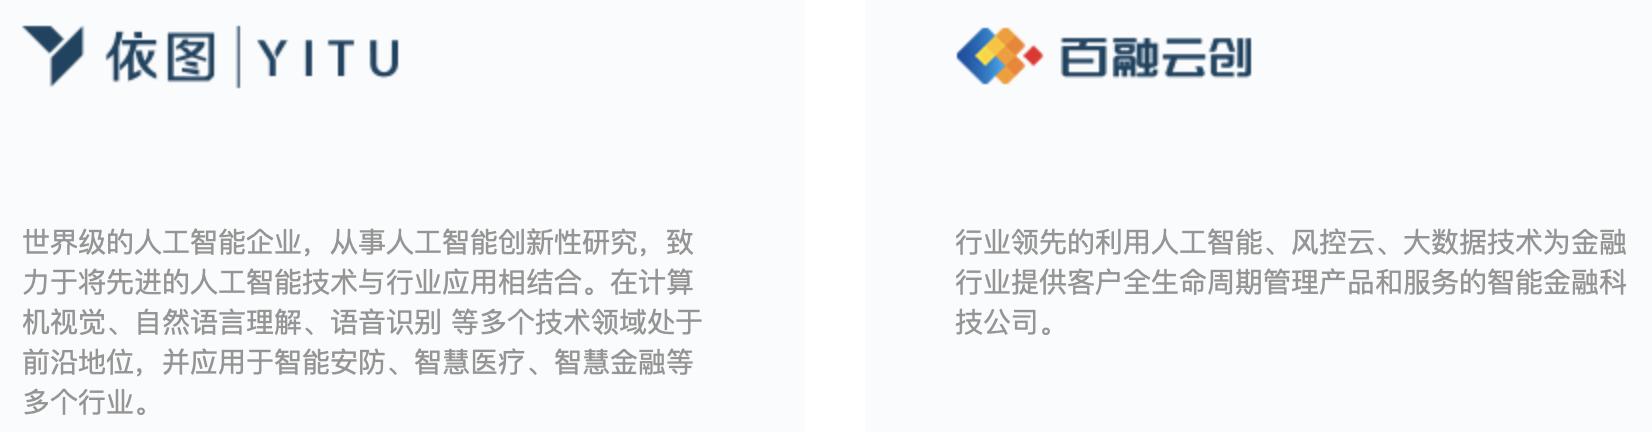 高成资本已为首期基金募集2.351亿美元,原高瓴资本合伙人洪婧创办